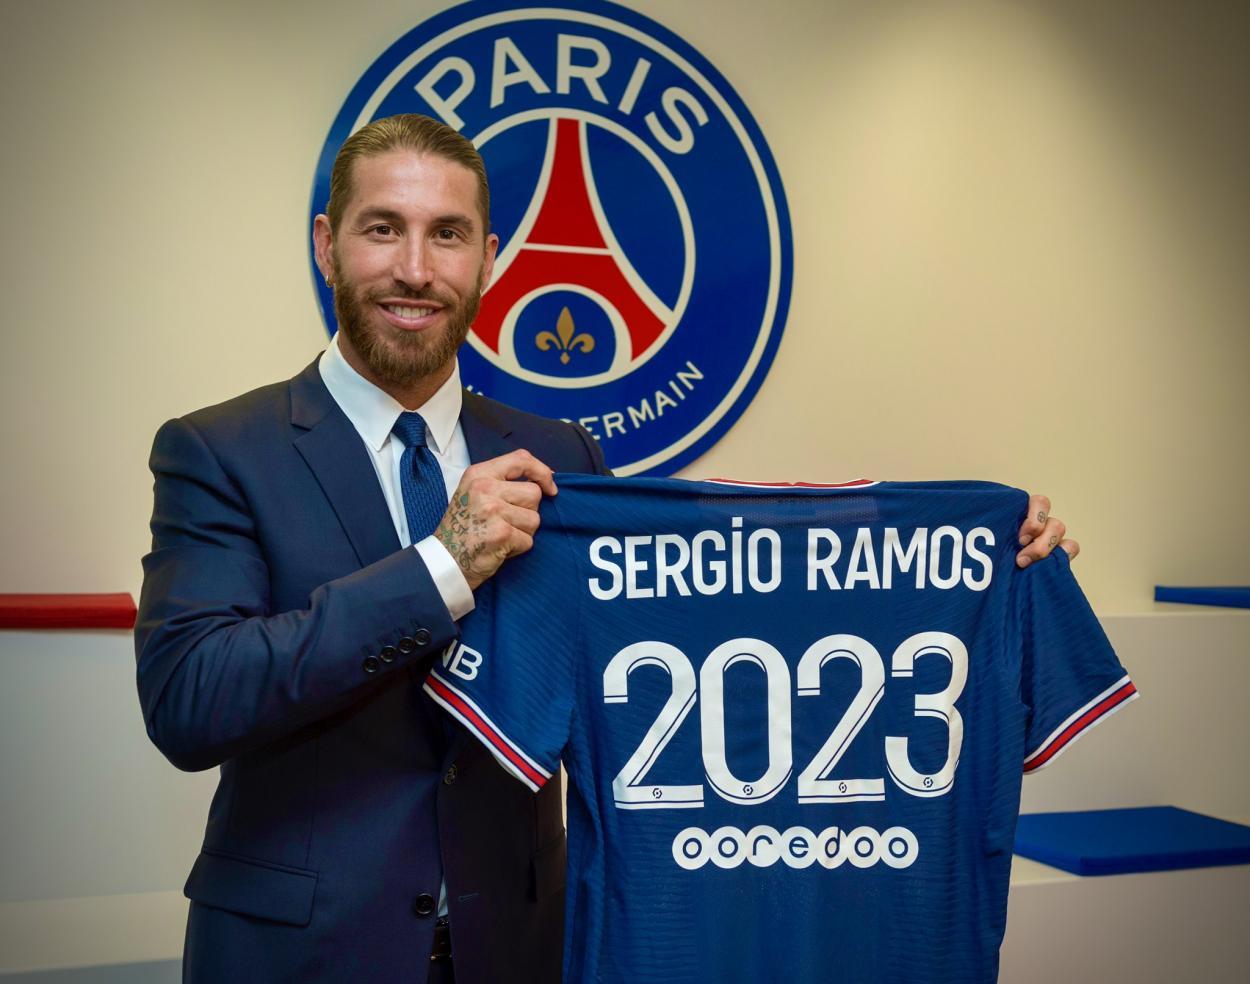 Sergio Ramos posando con su nueva camiseta | Foto: Sergio Ramos